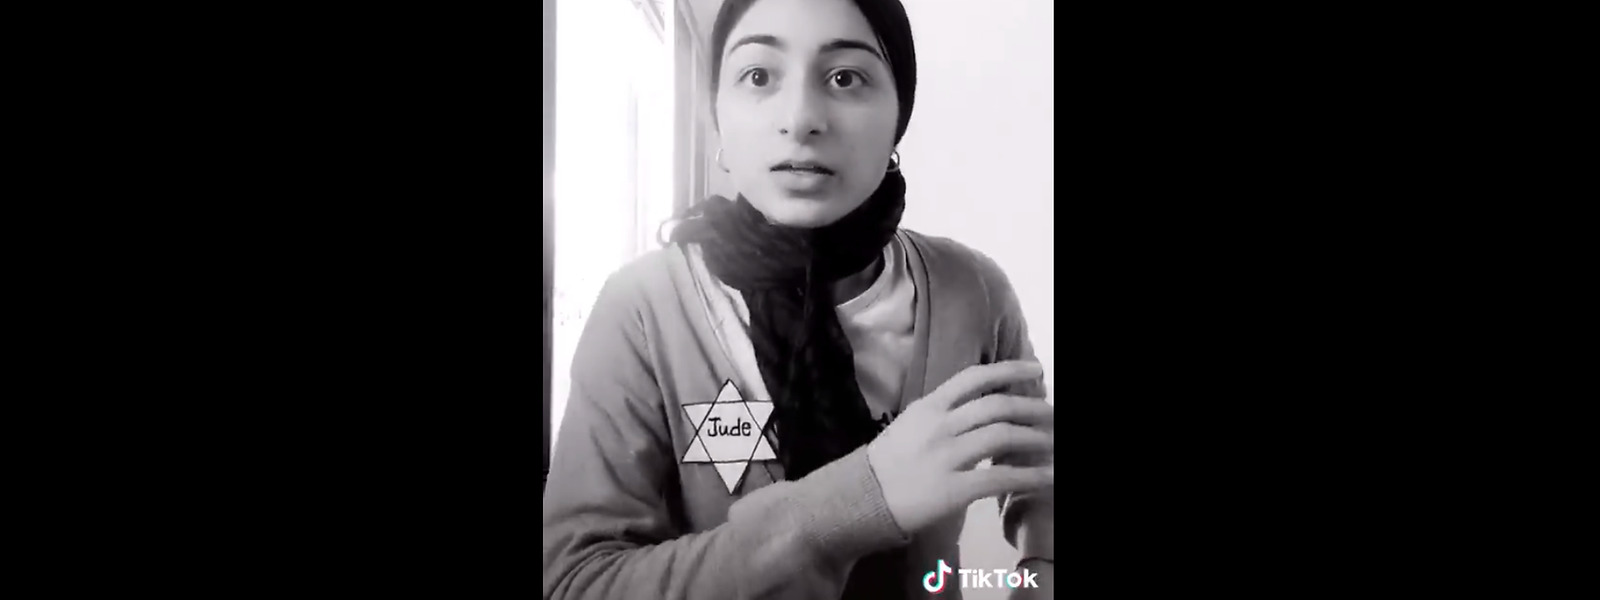 """Eines der weniger drastischen Beispiele: Eine junge Nutzerin hat sich einen selbstgebastelten """"Judenstern"""" angeklebt. Kurze Zeit später mimt sie, erschossen zu werden."""